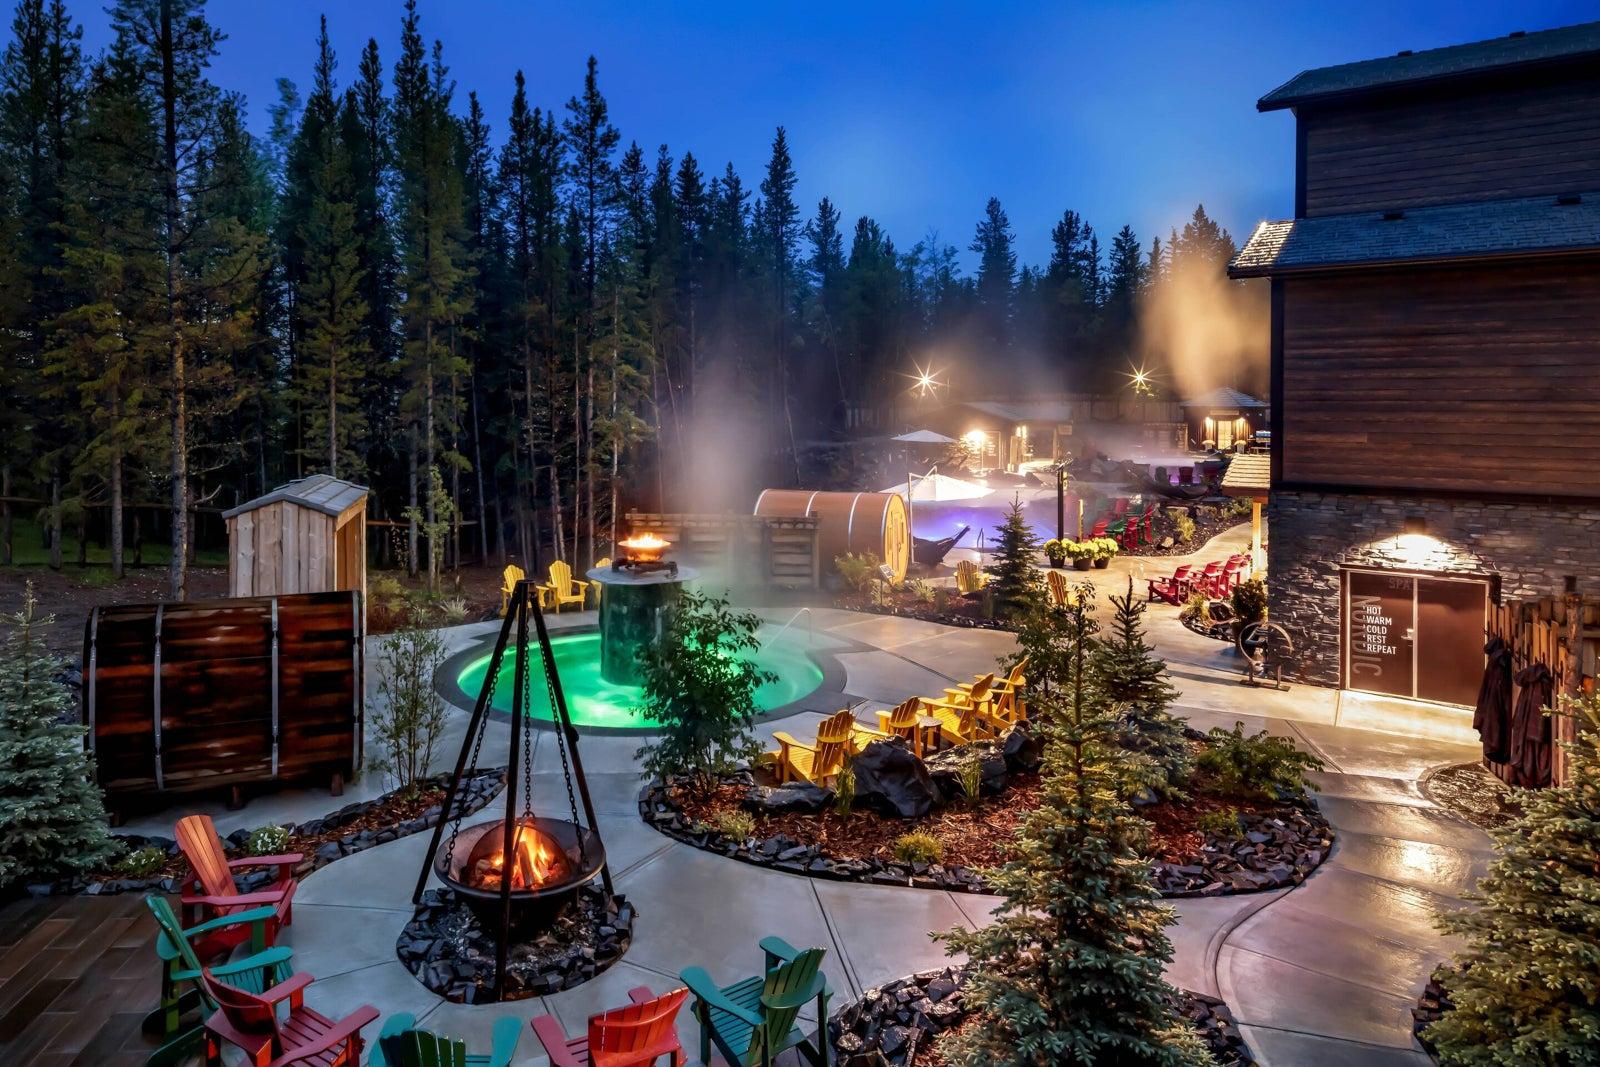 The Kananaskis Mountain Lodge. (Photo courtesy of Marriott)